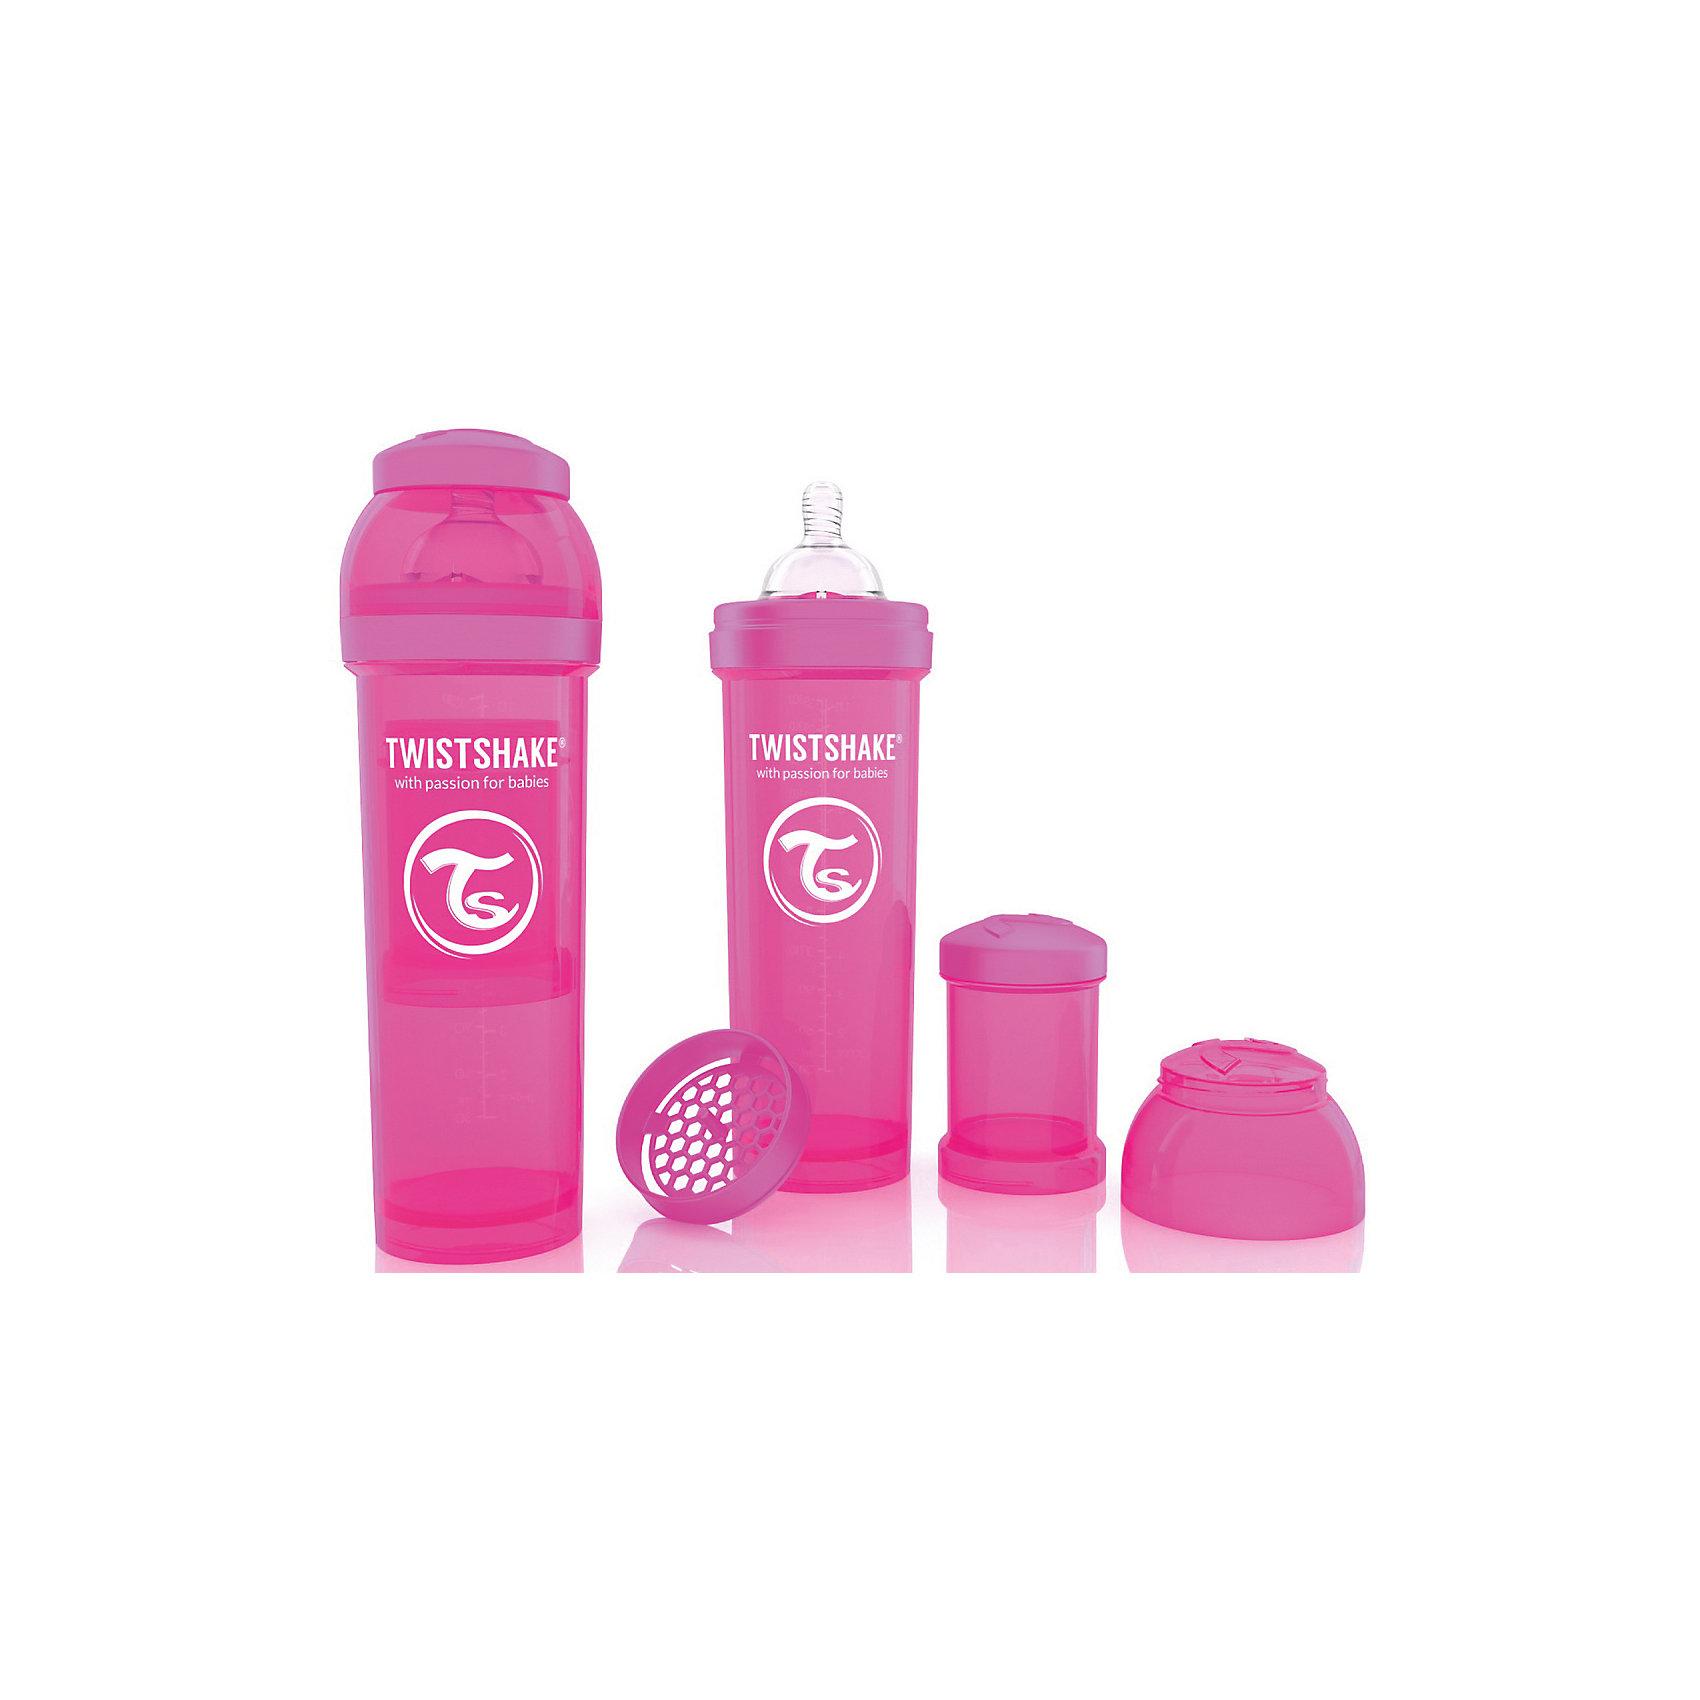 Антиколиковая бутылочка 330 мл., Twistshake, розовыйБутылочки и аксессуары<br>Антиколиковая бутылочка 330 мл., розовый от шведского бренда Twistshake (Твистшейк), придет по вкусу малышам и современным родителям. Эти бутылочки идут в комплекте с контейнером для сухой смеси, чтобы можно было готовить смесь в любом месте непосредсвенно перед кормлением. Также в комплект входит решеточка для разбивки комочков смеси, делая саму смесь идеальной. Материал бутылочки имеет свойства сохранения температуры, не содержит бисфенол А. Удобная форма горлышка обеспечивает доступ к полной промывки бутылочки, можно стерилизовать как холодным, так и горячим методами. Небольшой контейнер для смеси (100 мл.) можно использовать для хранения еды, например печенья или кусочков яблока. Соска бутылочки имеет ортодонтичную форму, благодаря специальному клапану и строению предотвращает попадание воздуха и снижает вероятность появления коликов у крохи. Все предметы складываются в бутылочку для удобной транспортировки и хранения. Также можно купить бутылочки разных цветов и комбинировать их в любимые цветовые сочетания.<br><br>Дополнительная информация:<br><br>- В комплект входит: бутылочка с соской 330 мл., контейнер с крышкой 100 мл., решетка, крышка для бутылочки.<br>- Размер соски: L<br>- Состав бутылочки: 100% пропиллен<br>- Состав соски: силикон<br><br>Антиколиковую бутылочку 330 мл., Twistshake, розовый можно купить в нашем интернет-магазине.<br>Подробнее:<br>• Для детей в возрасте: от 4 месяцев <br>• Номер товара: 4976050<br>Страна производитель: Китай<br><br>Ширина мм: 70<br>Глубина мм: 70<br>Высота мм: 220<br>Вес г: 176<br>Возраст от месяцев: 4<br>Возраст до месяцев: 12<br>Пол: Унисекс<br>Возраст: Детский<br>SKU: 4976050